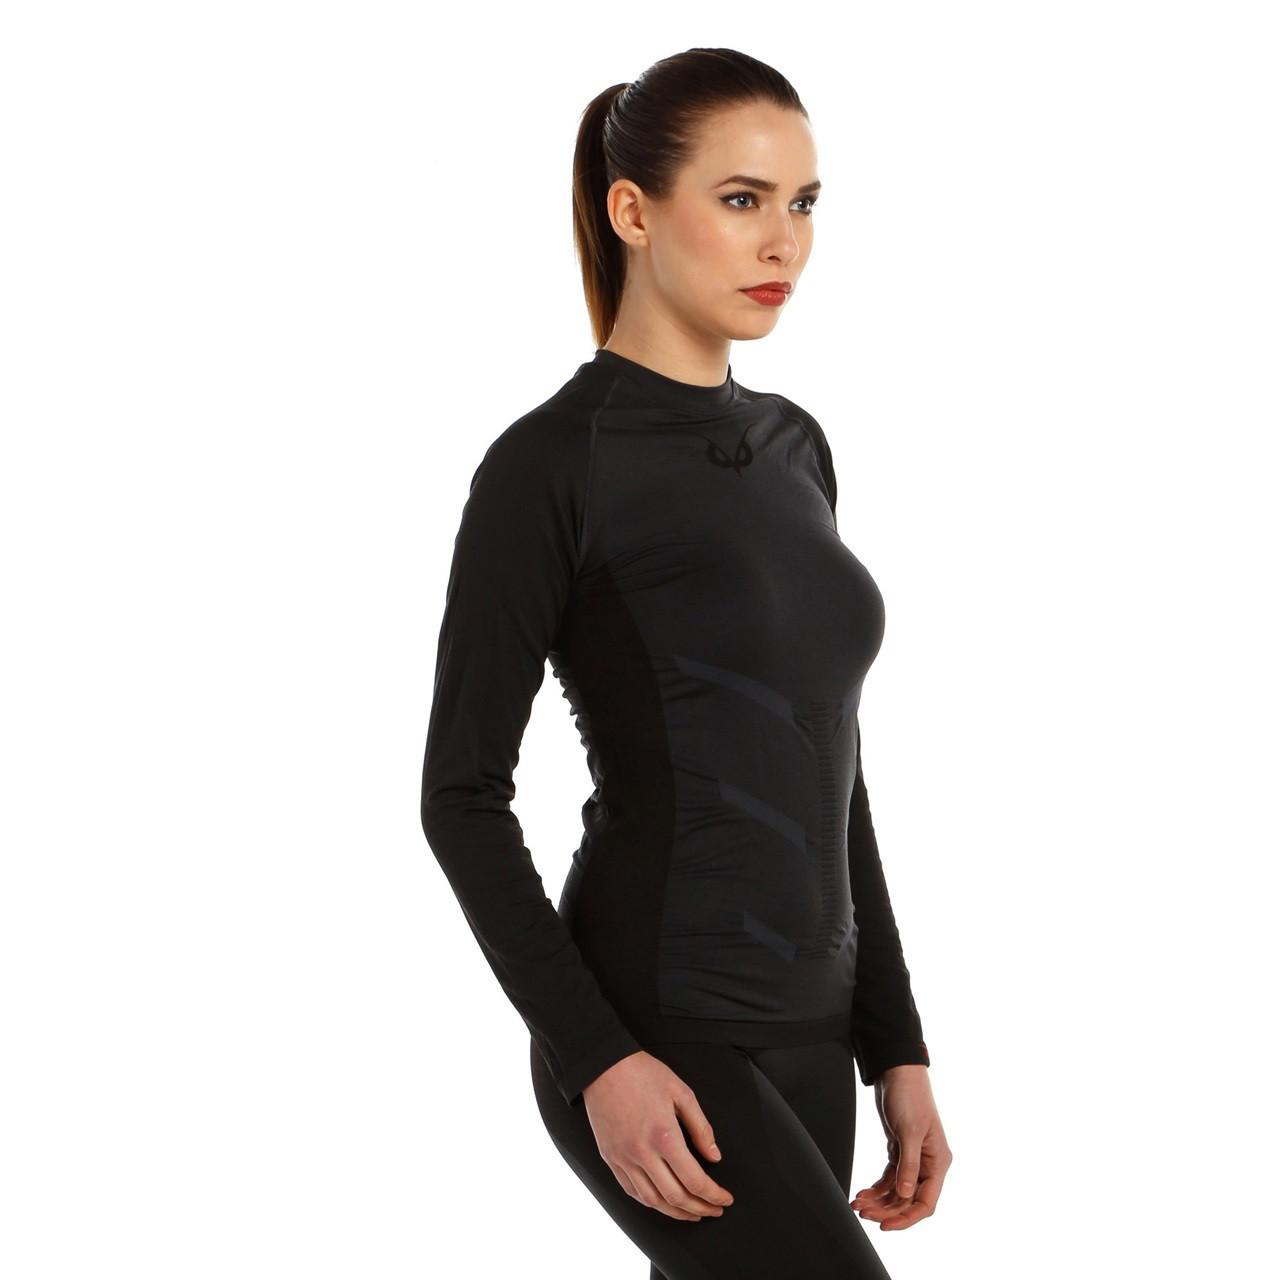 Термокофта женская Puhu Active Motion Thermal, зональное термобелье для женщин